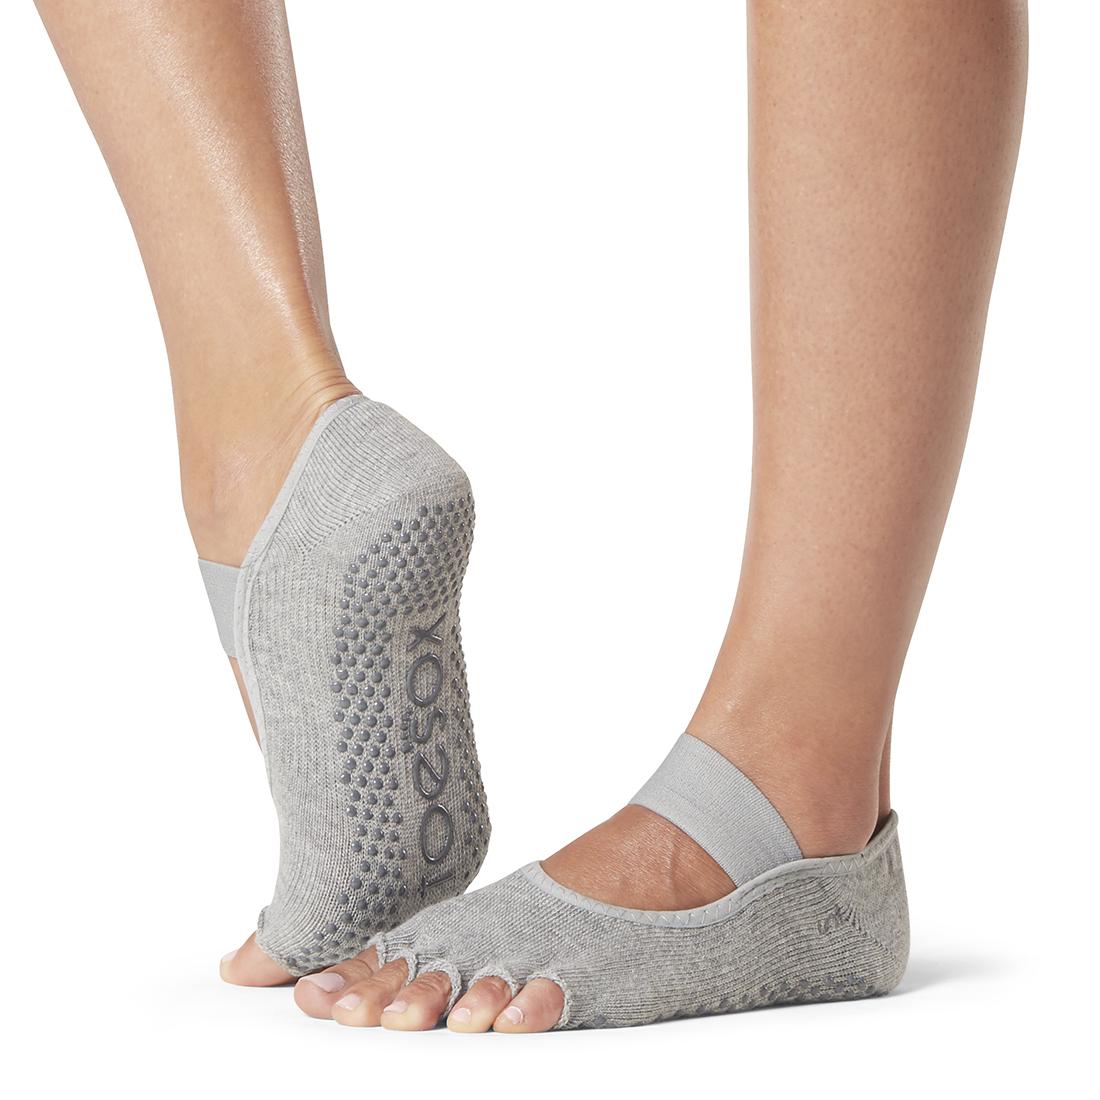 Yogasocken ToeSox Mia Half Toe Heather Grey